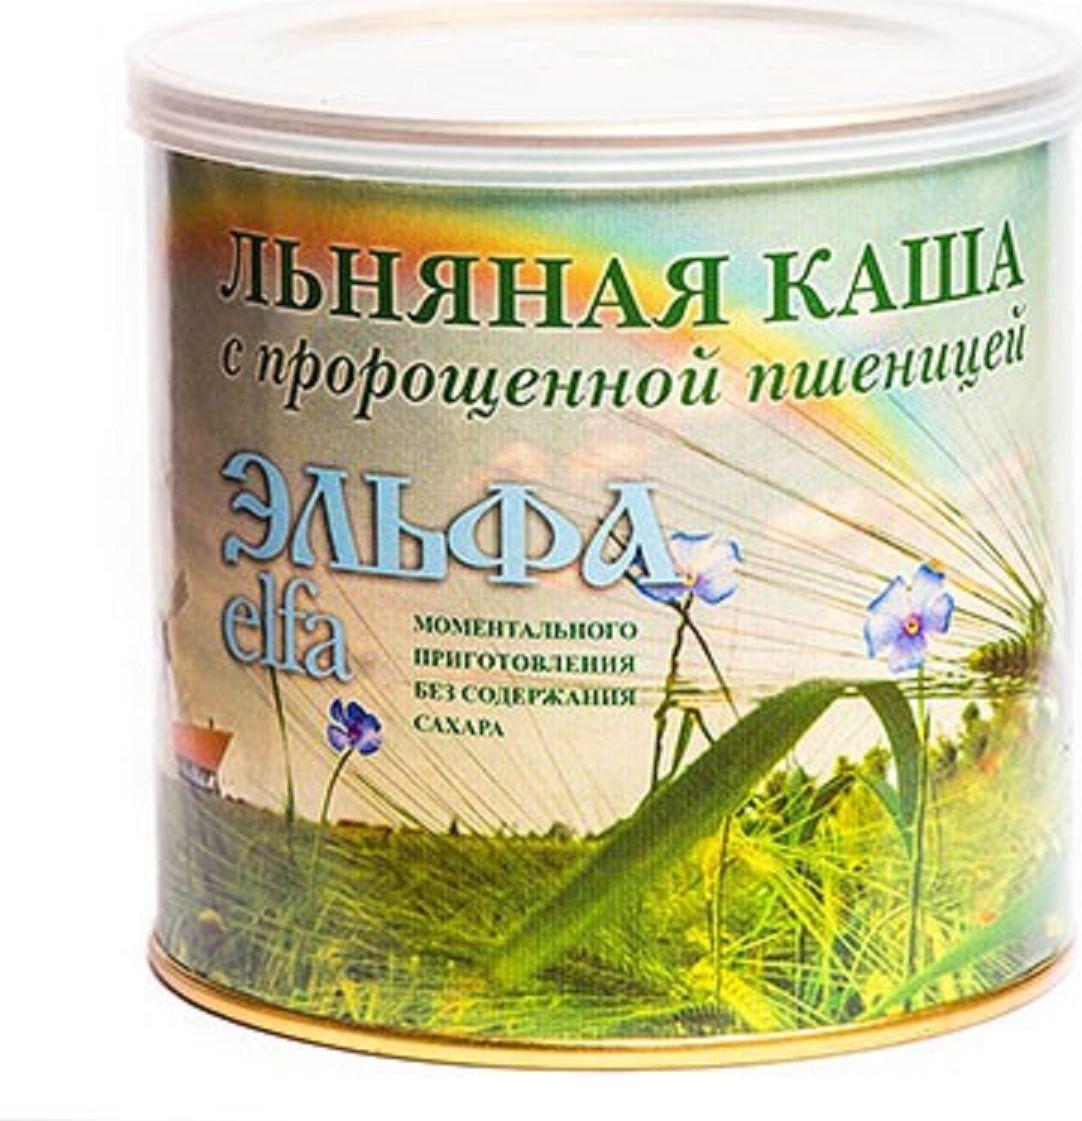 Эльфа Каша льняная с пророщенной пшеницей, натуральная 400 г